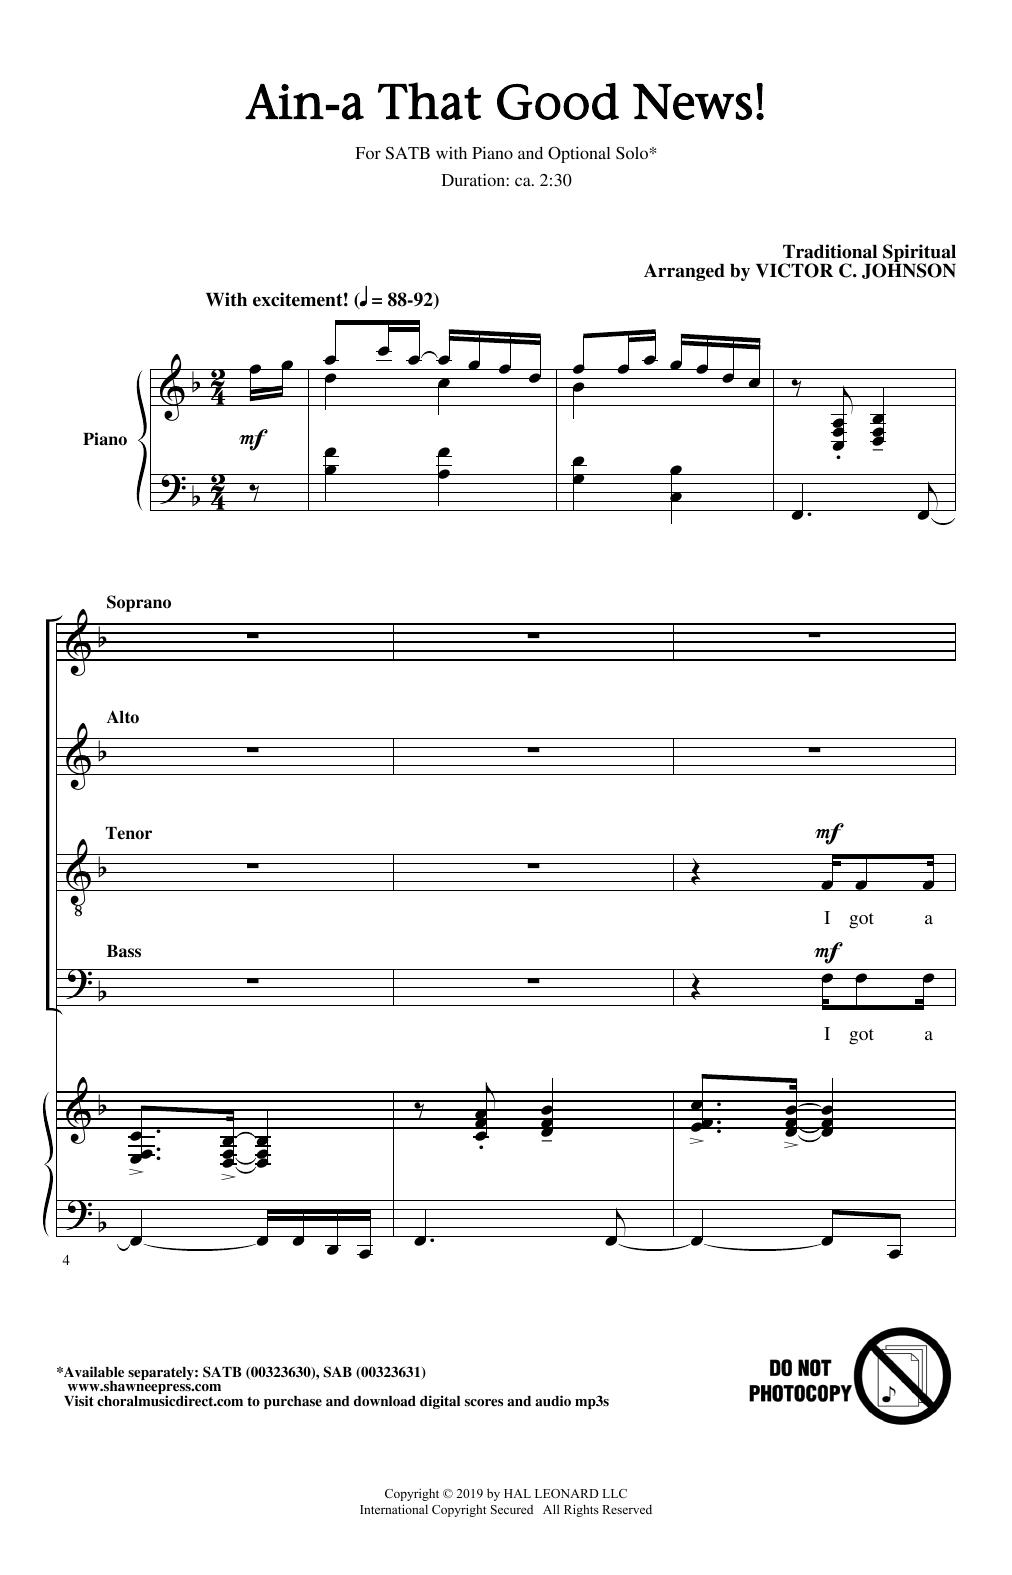 Ain'a That Good News! (arr. Victor C. Johnson) (SATB Choir)